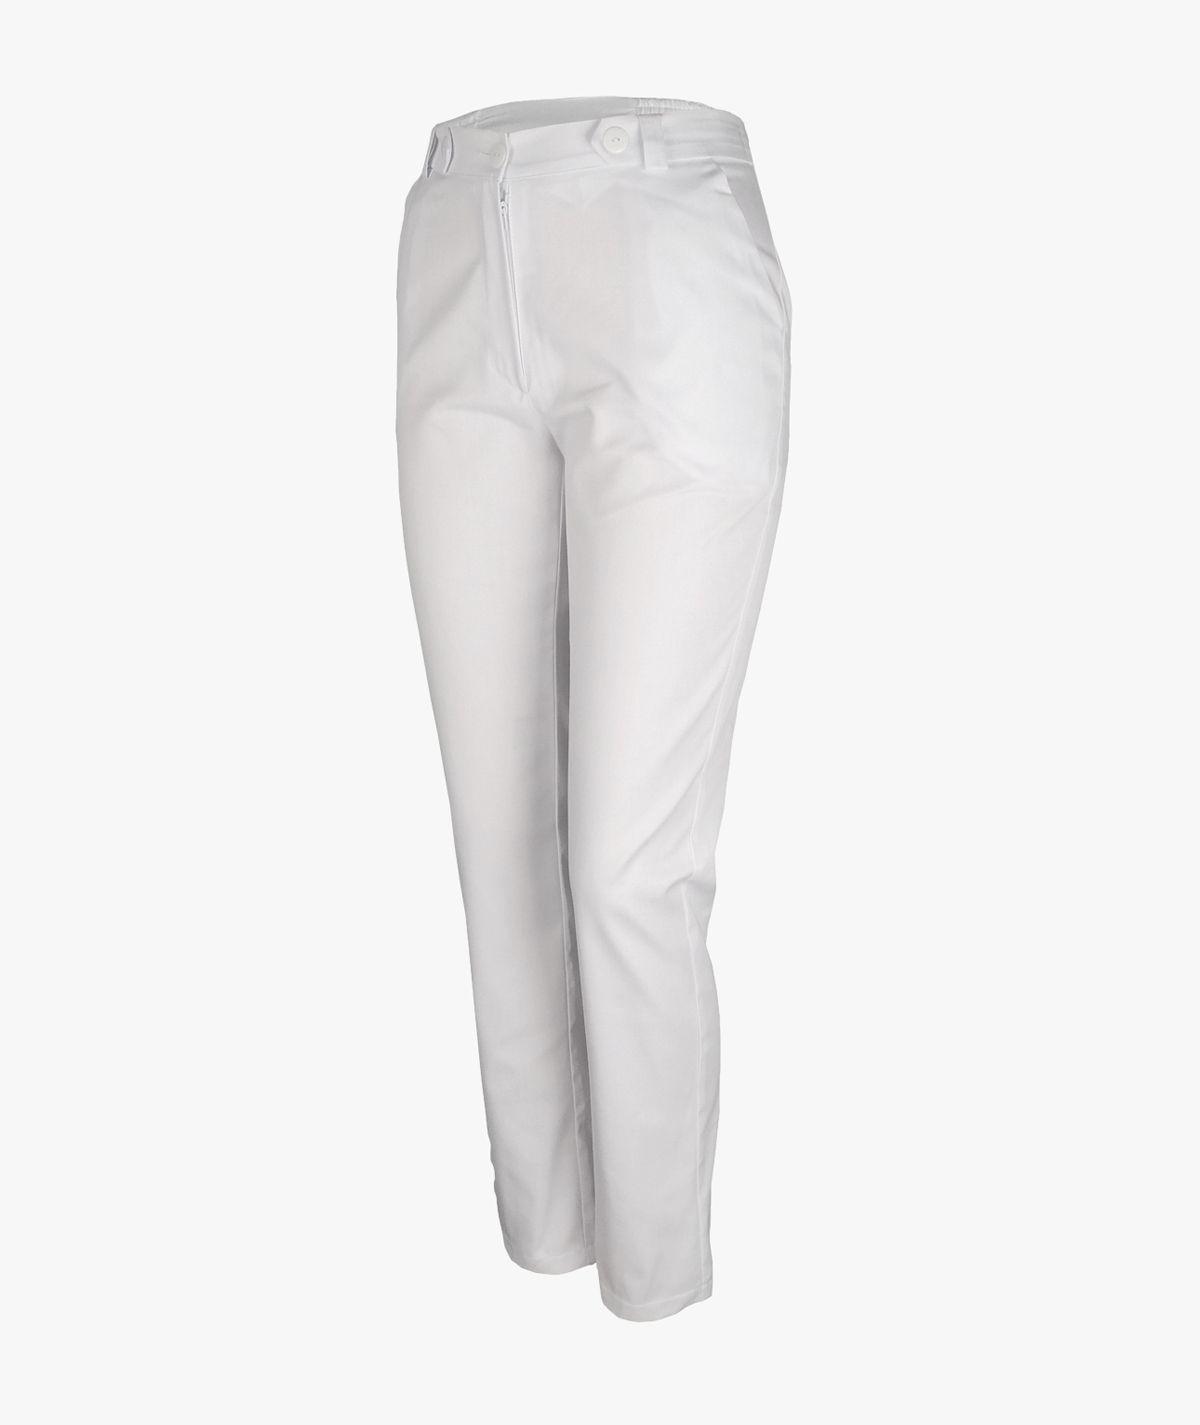 Białe spodnie medyczne Mira